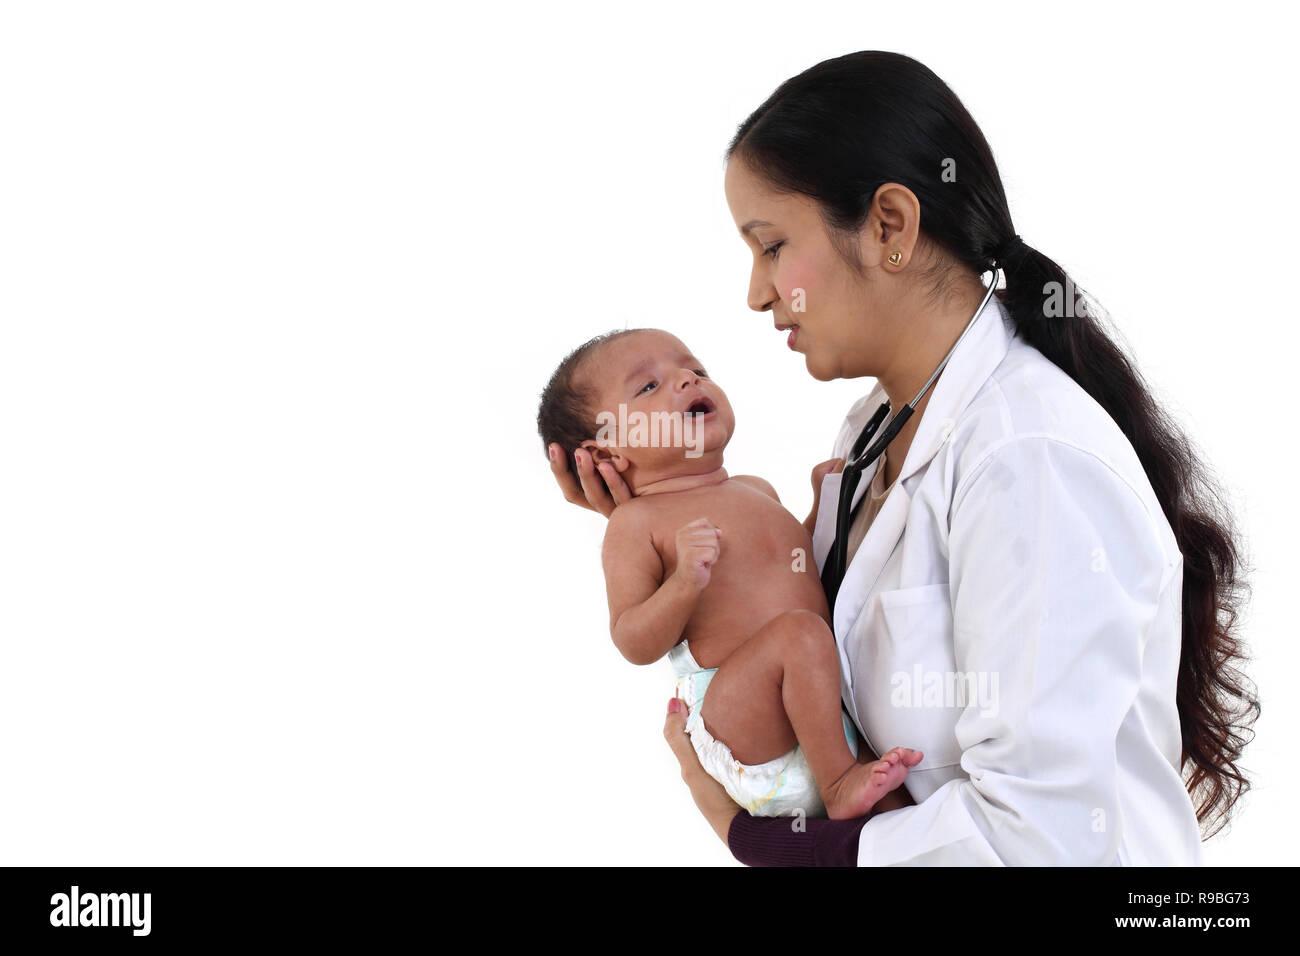 Cheerful female pediatrician holds newborn baby - Stock Image